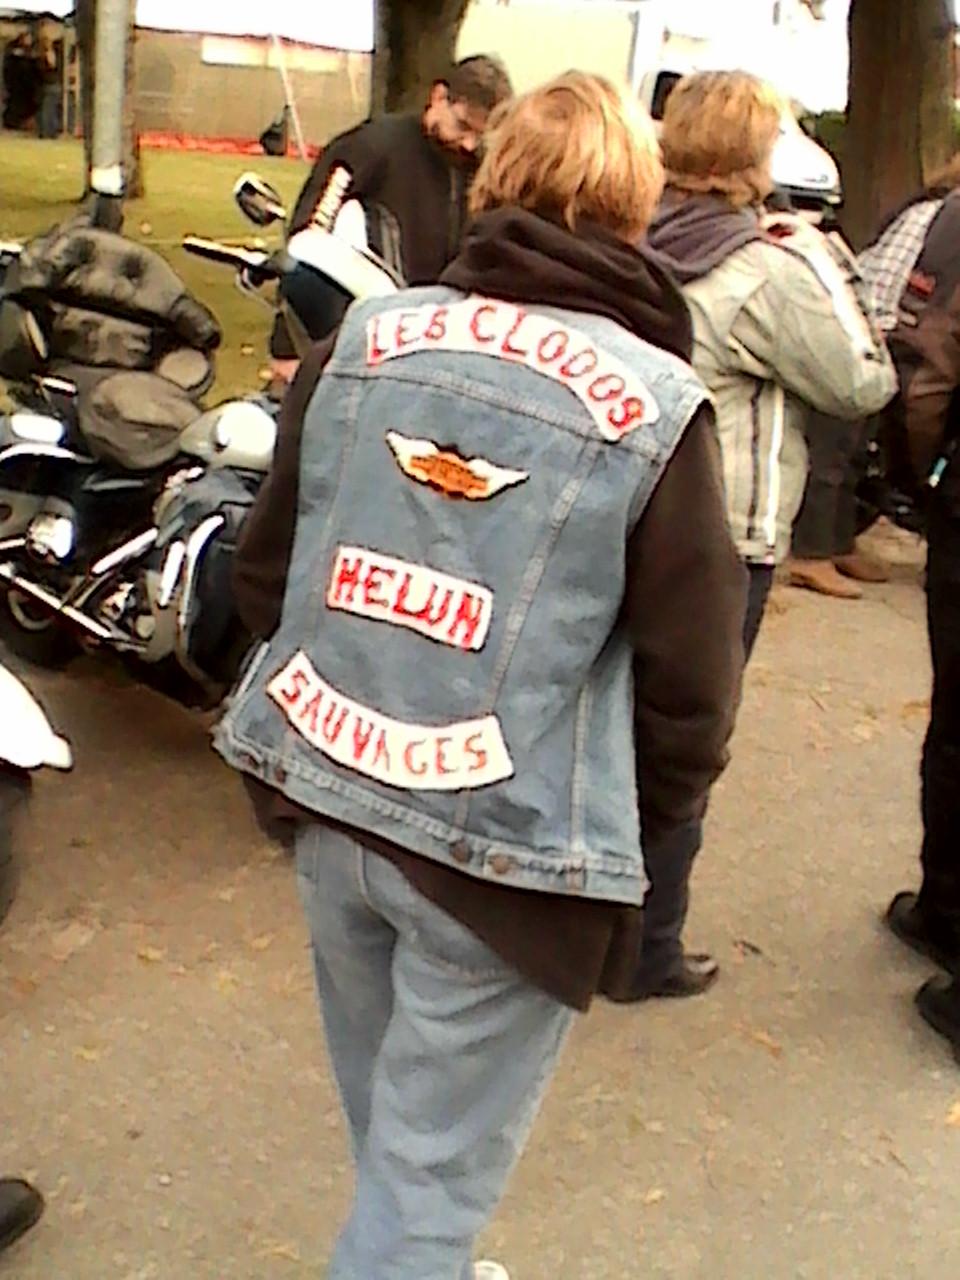 Couleurs des differents clubs de bikers - Page 27 Dsc_0012